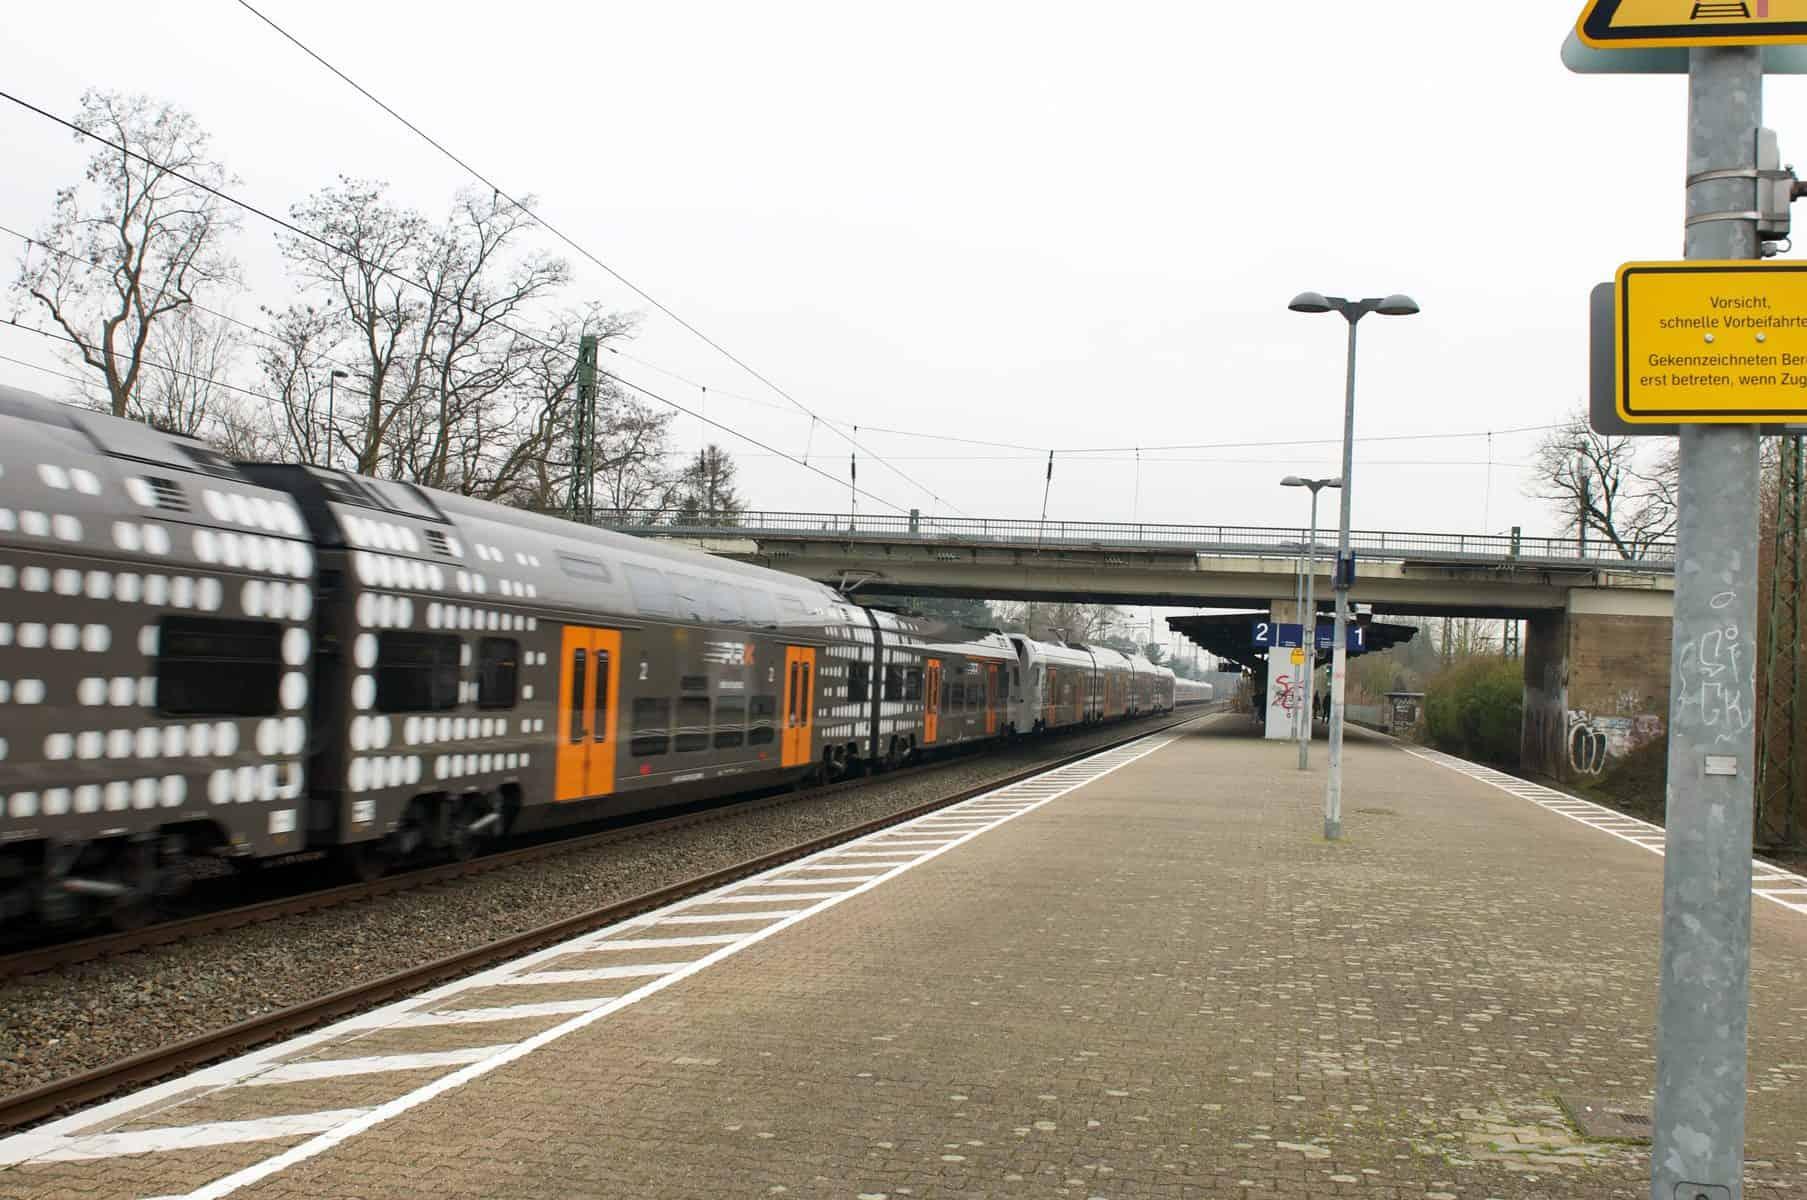 Am S-Bahn-Haltepunkt Angermund gibt es jede Menge Bedarf an Instandhaltung und Verbesserung (Foto: Initiative Angermund)